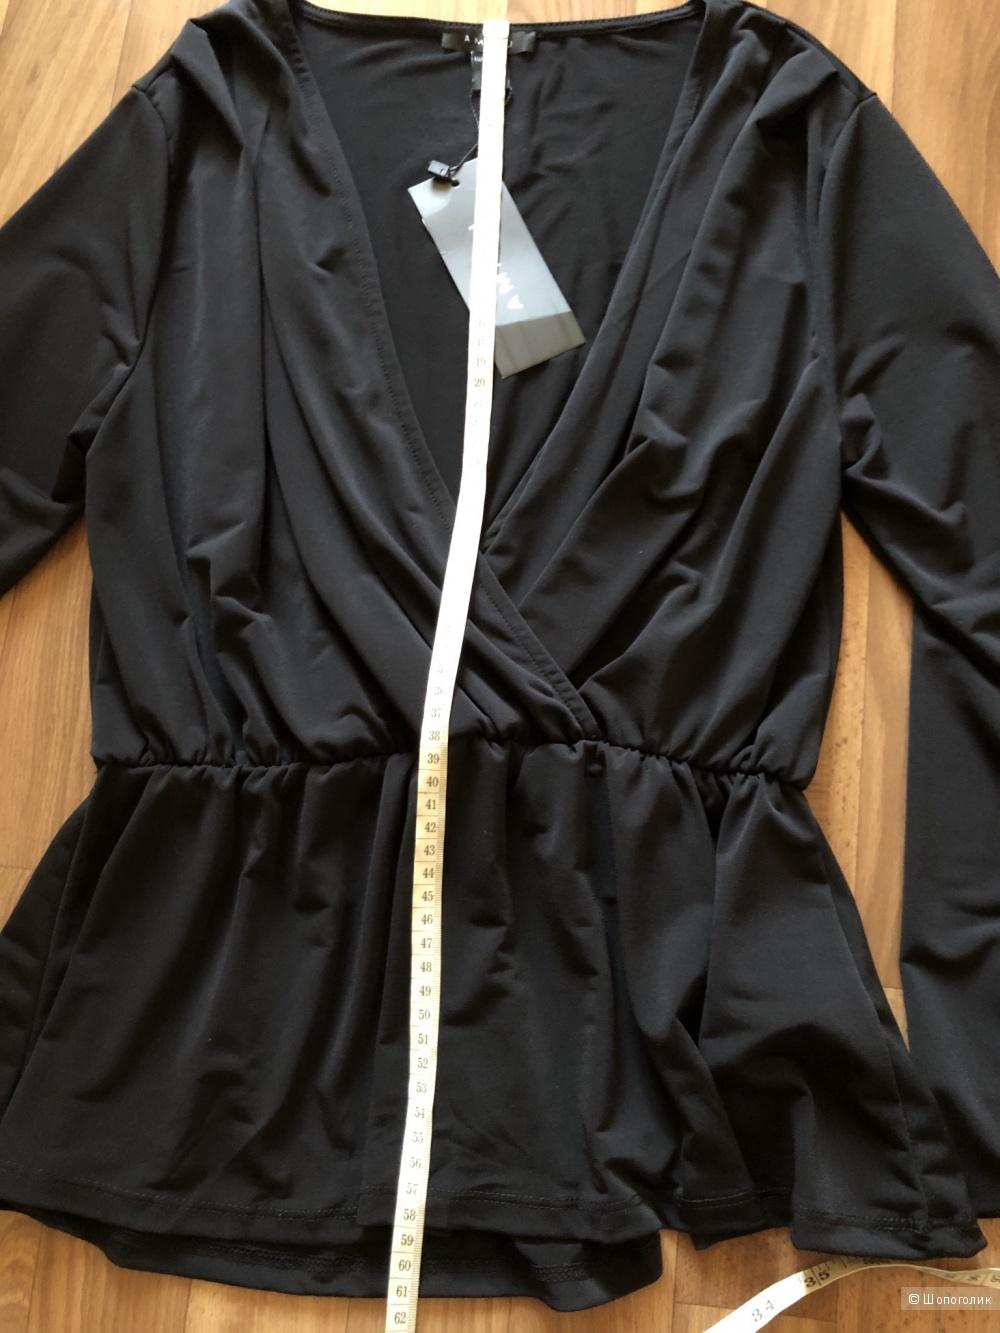 Сет джинсы hm размер 36 и блузка amisu размер м